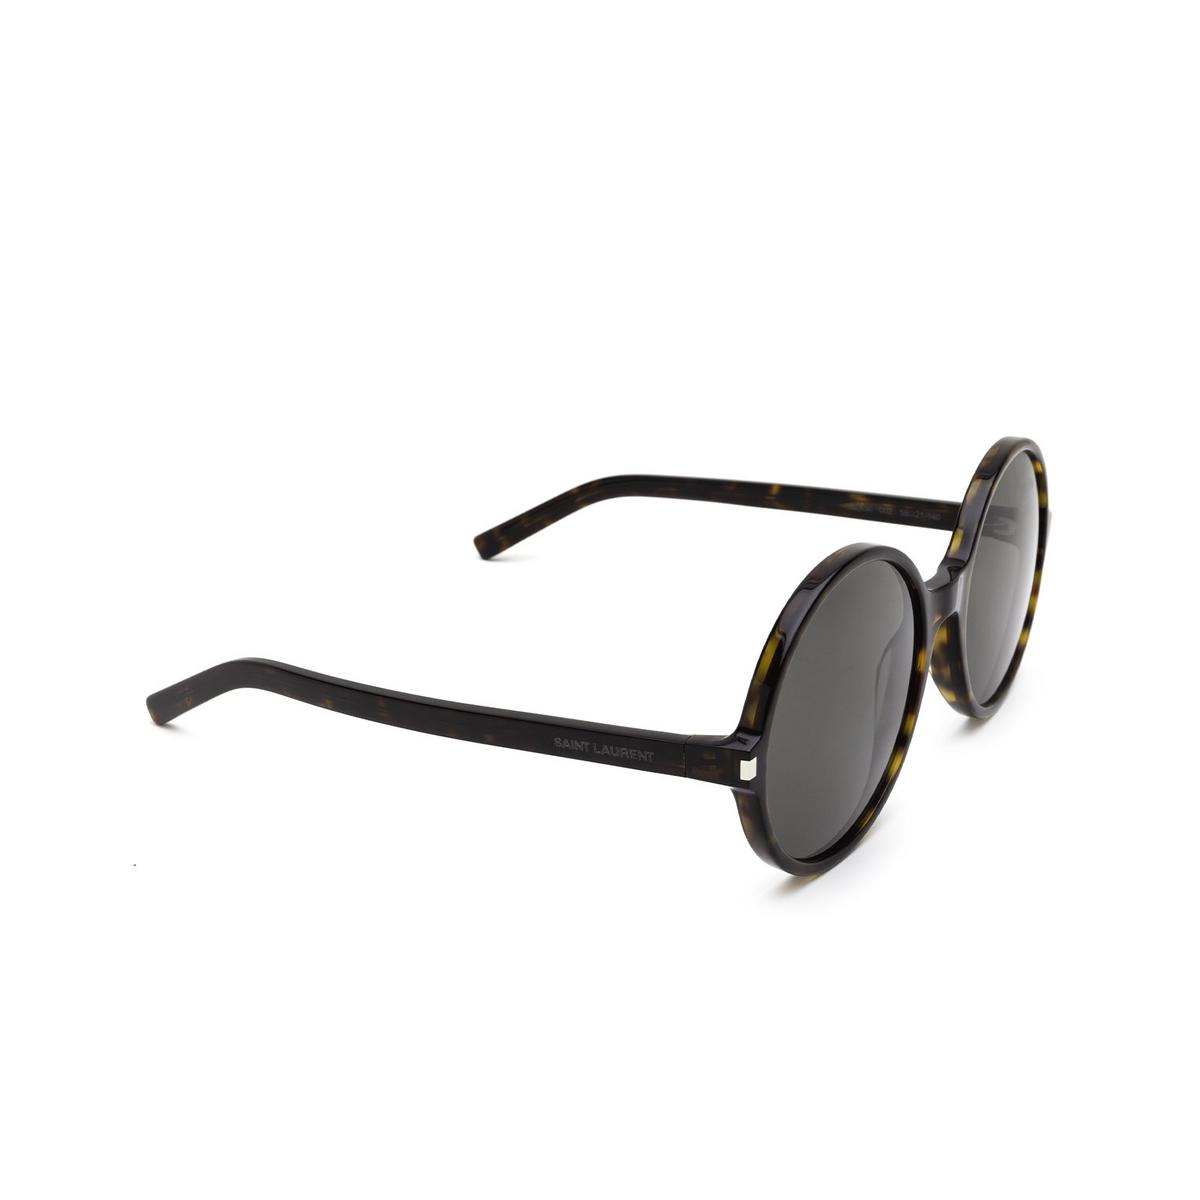 Saint Laurent® Round Sunglasses: SL 450 color Dark Havana 002 - three-quarters view.